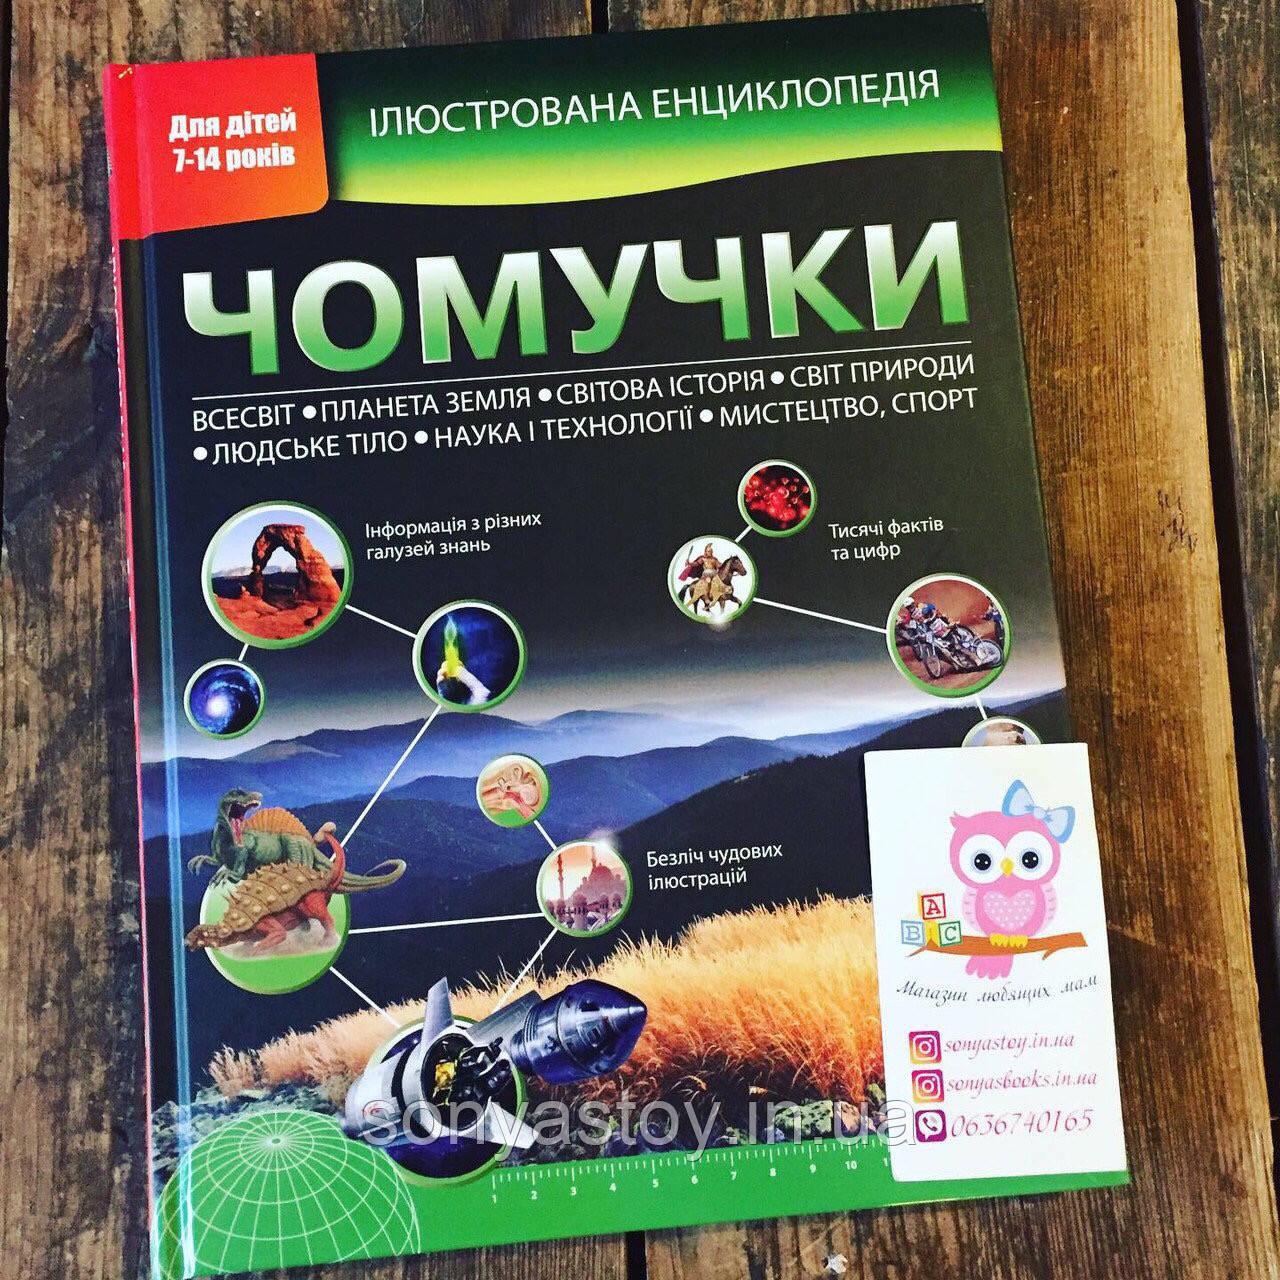 Книга Ілюстрована енциклопедія чомучки, 7+